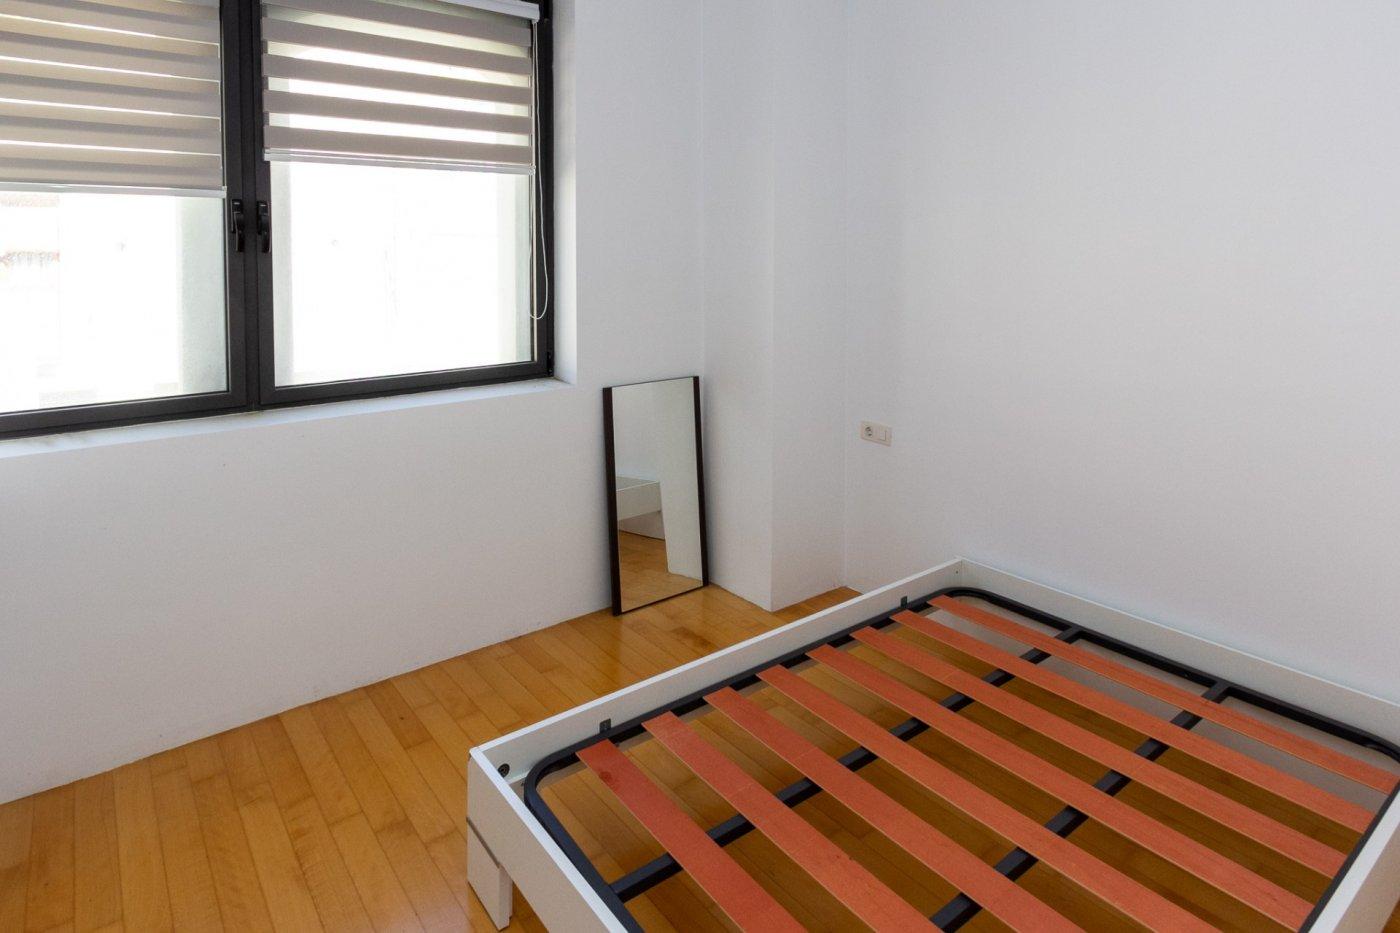 Piso de dos dormitorios de reciente construcción en zona centro de castalla - imagenInmueble13